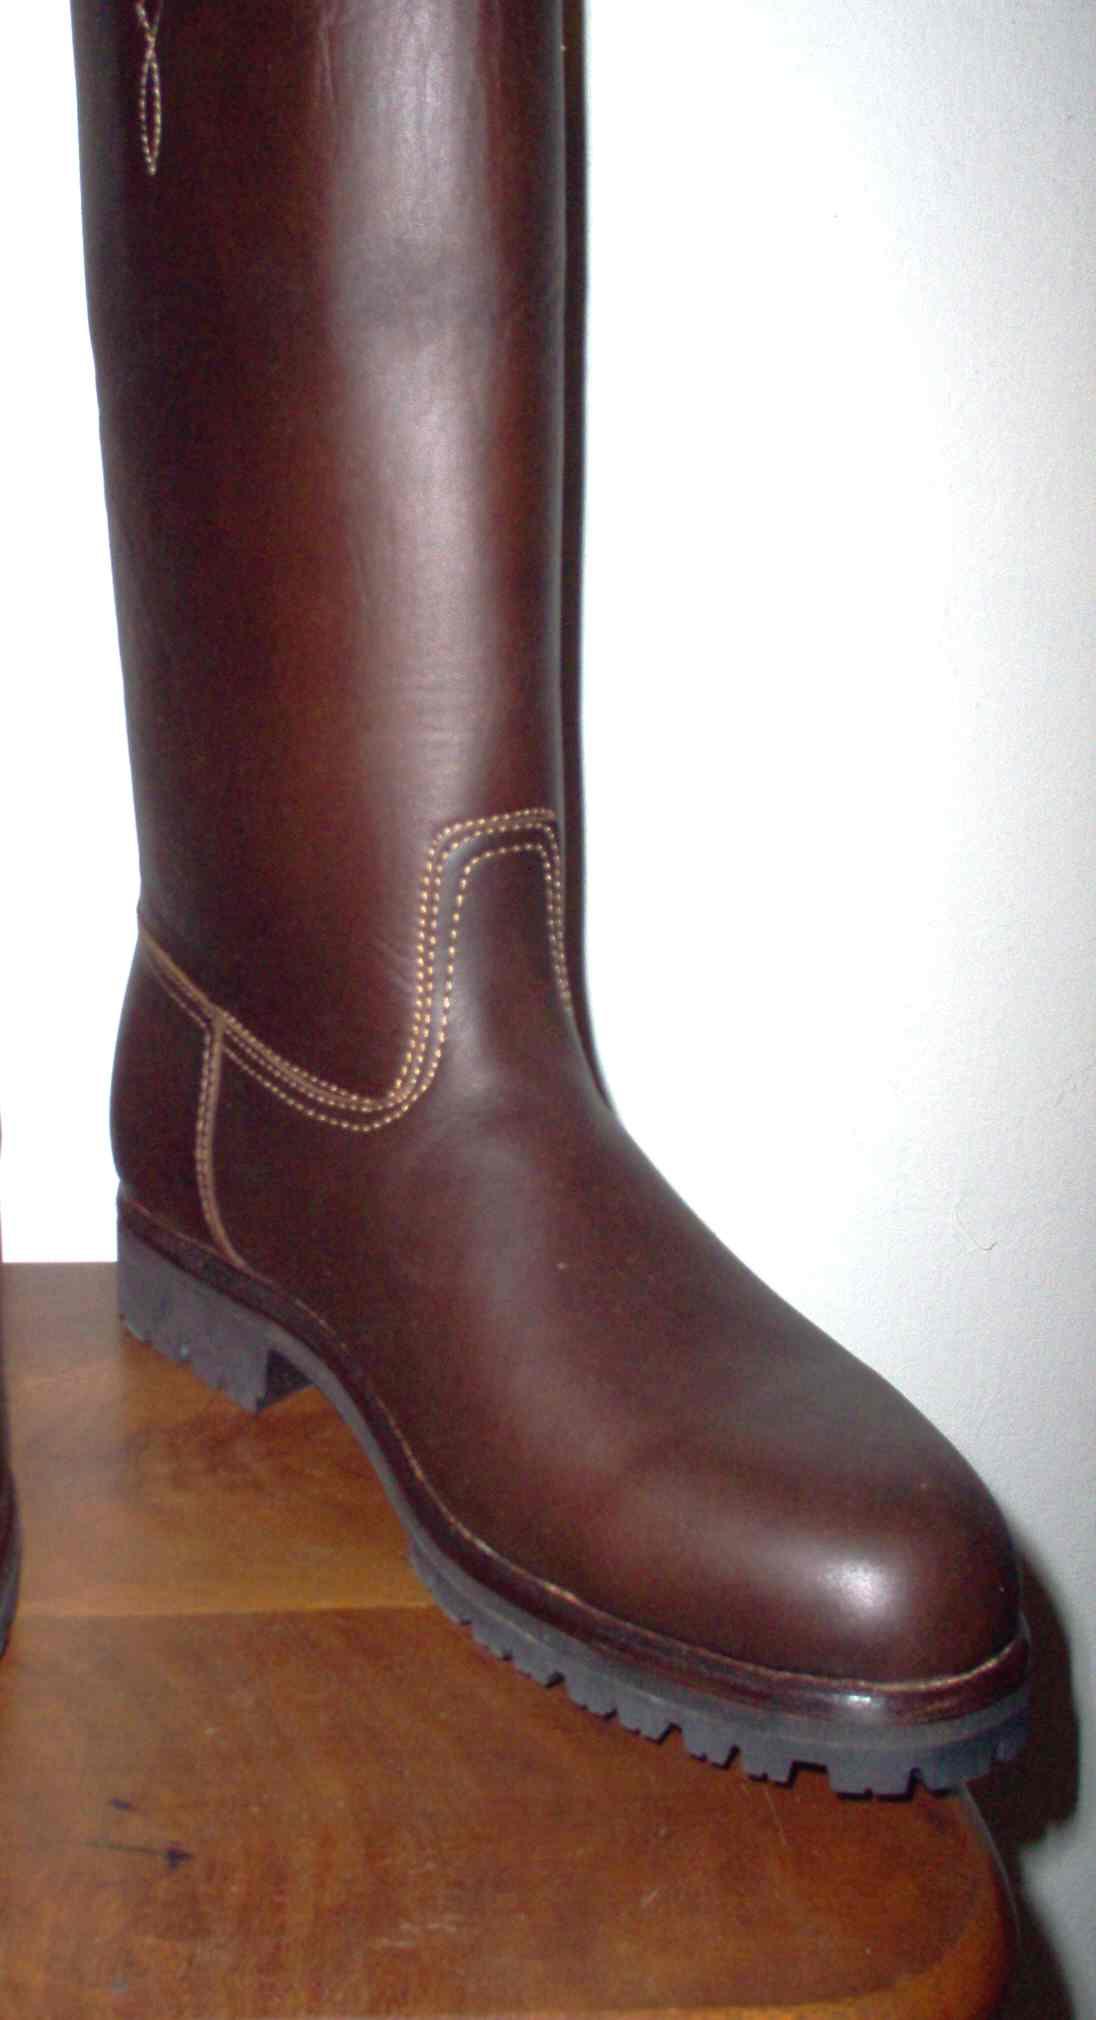 engrasado botas